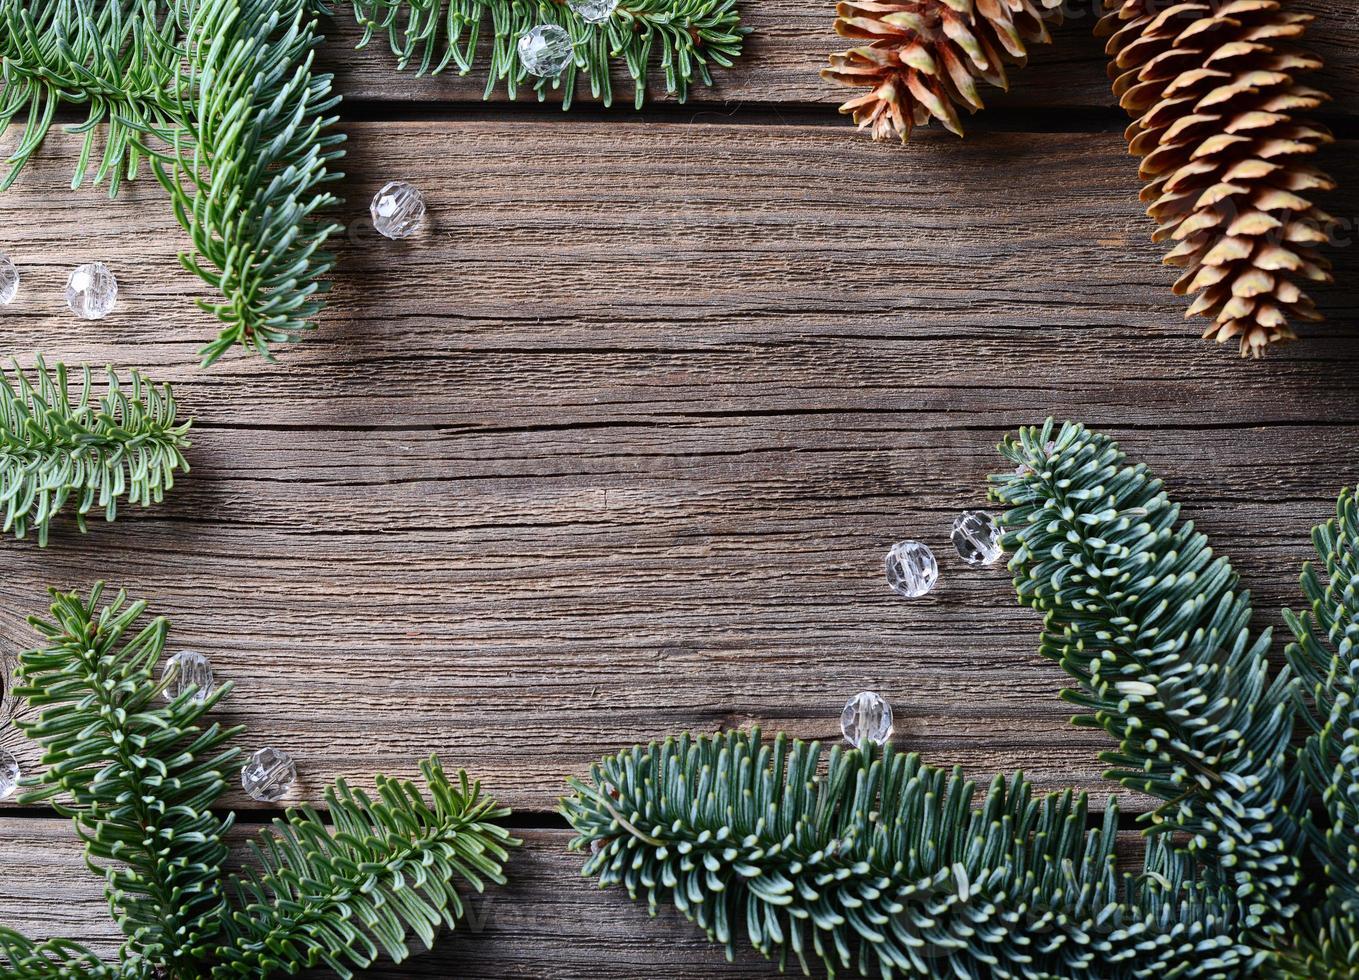 Kerst tabel achtergrond foto